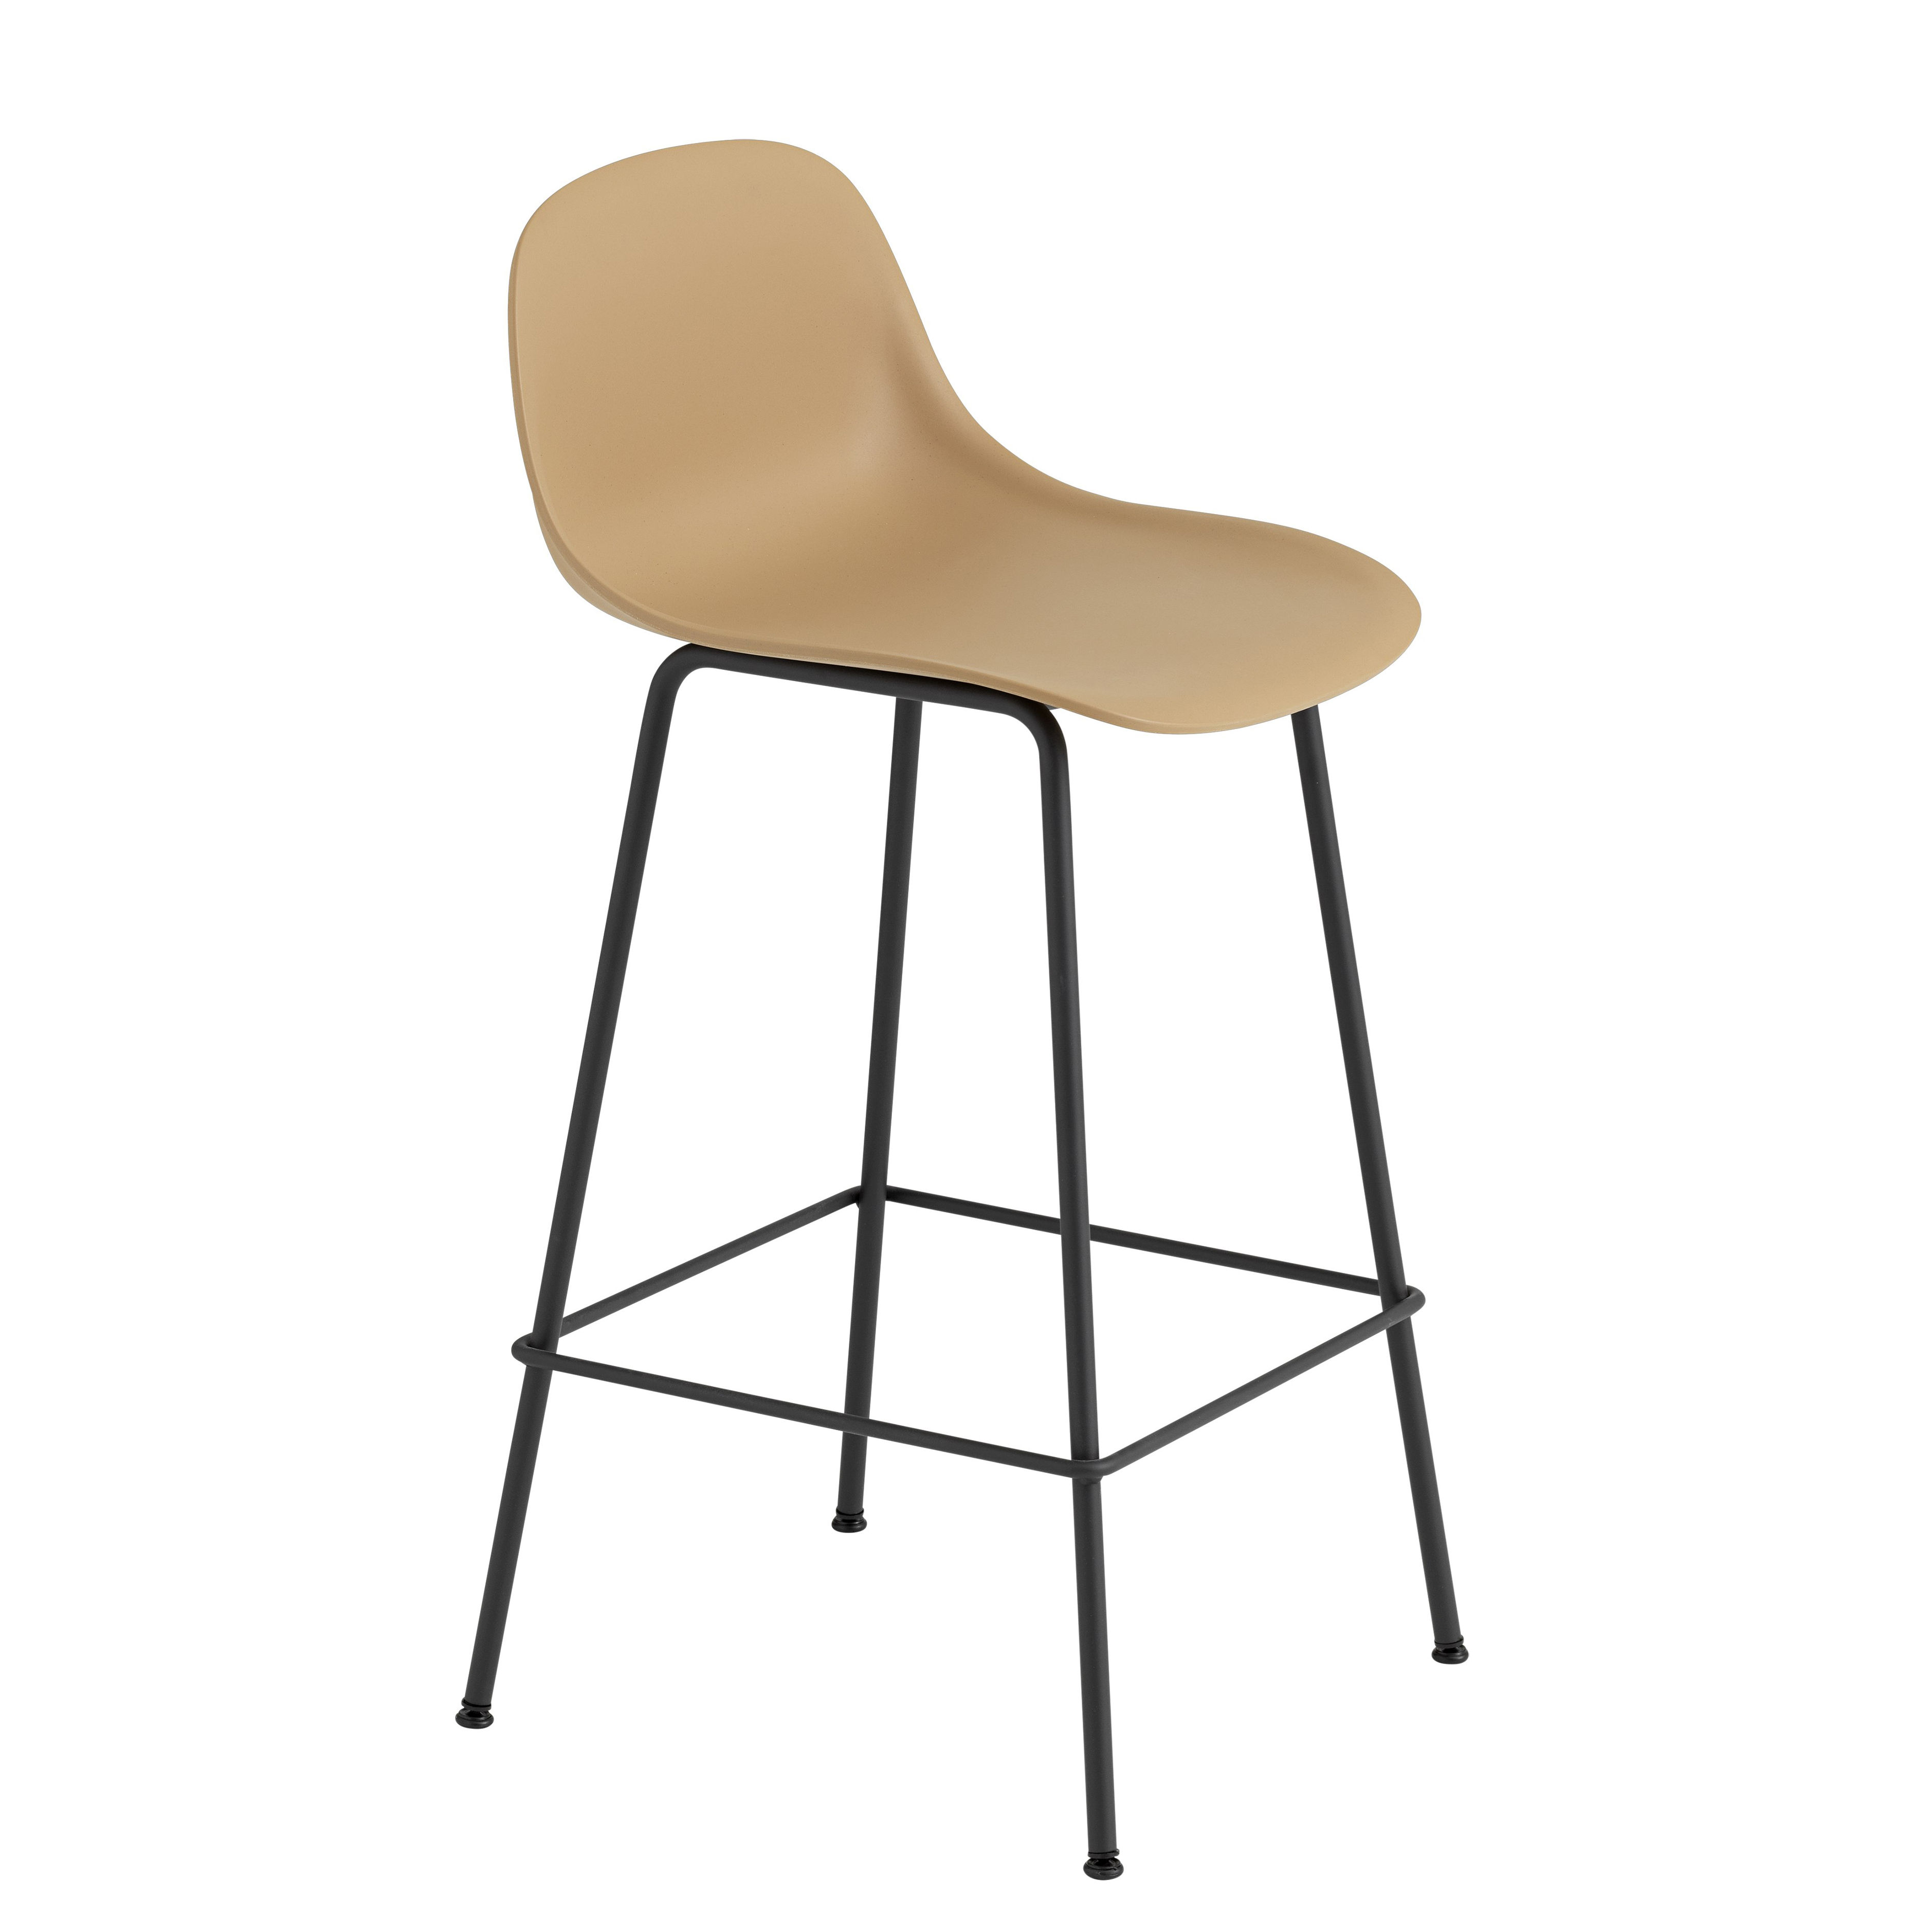 Möbel - Barhocker - Fiber Bar Hochstuhl / H 65 cm - Metallfüße - Muuto - Ocker - bemalter Stahl, Recyceltes Verbundmaterial